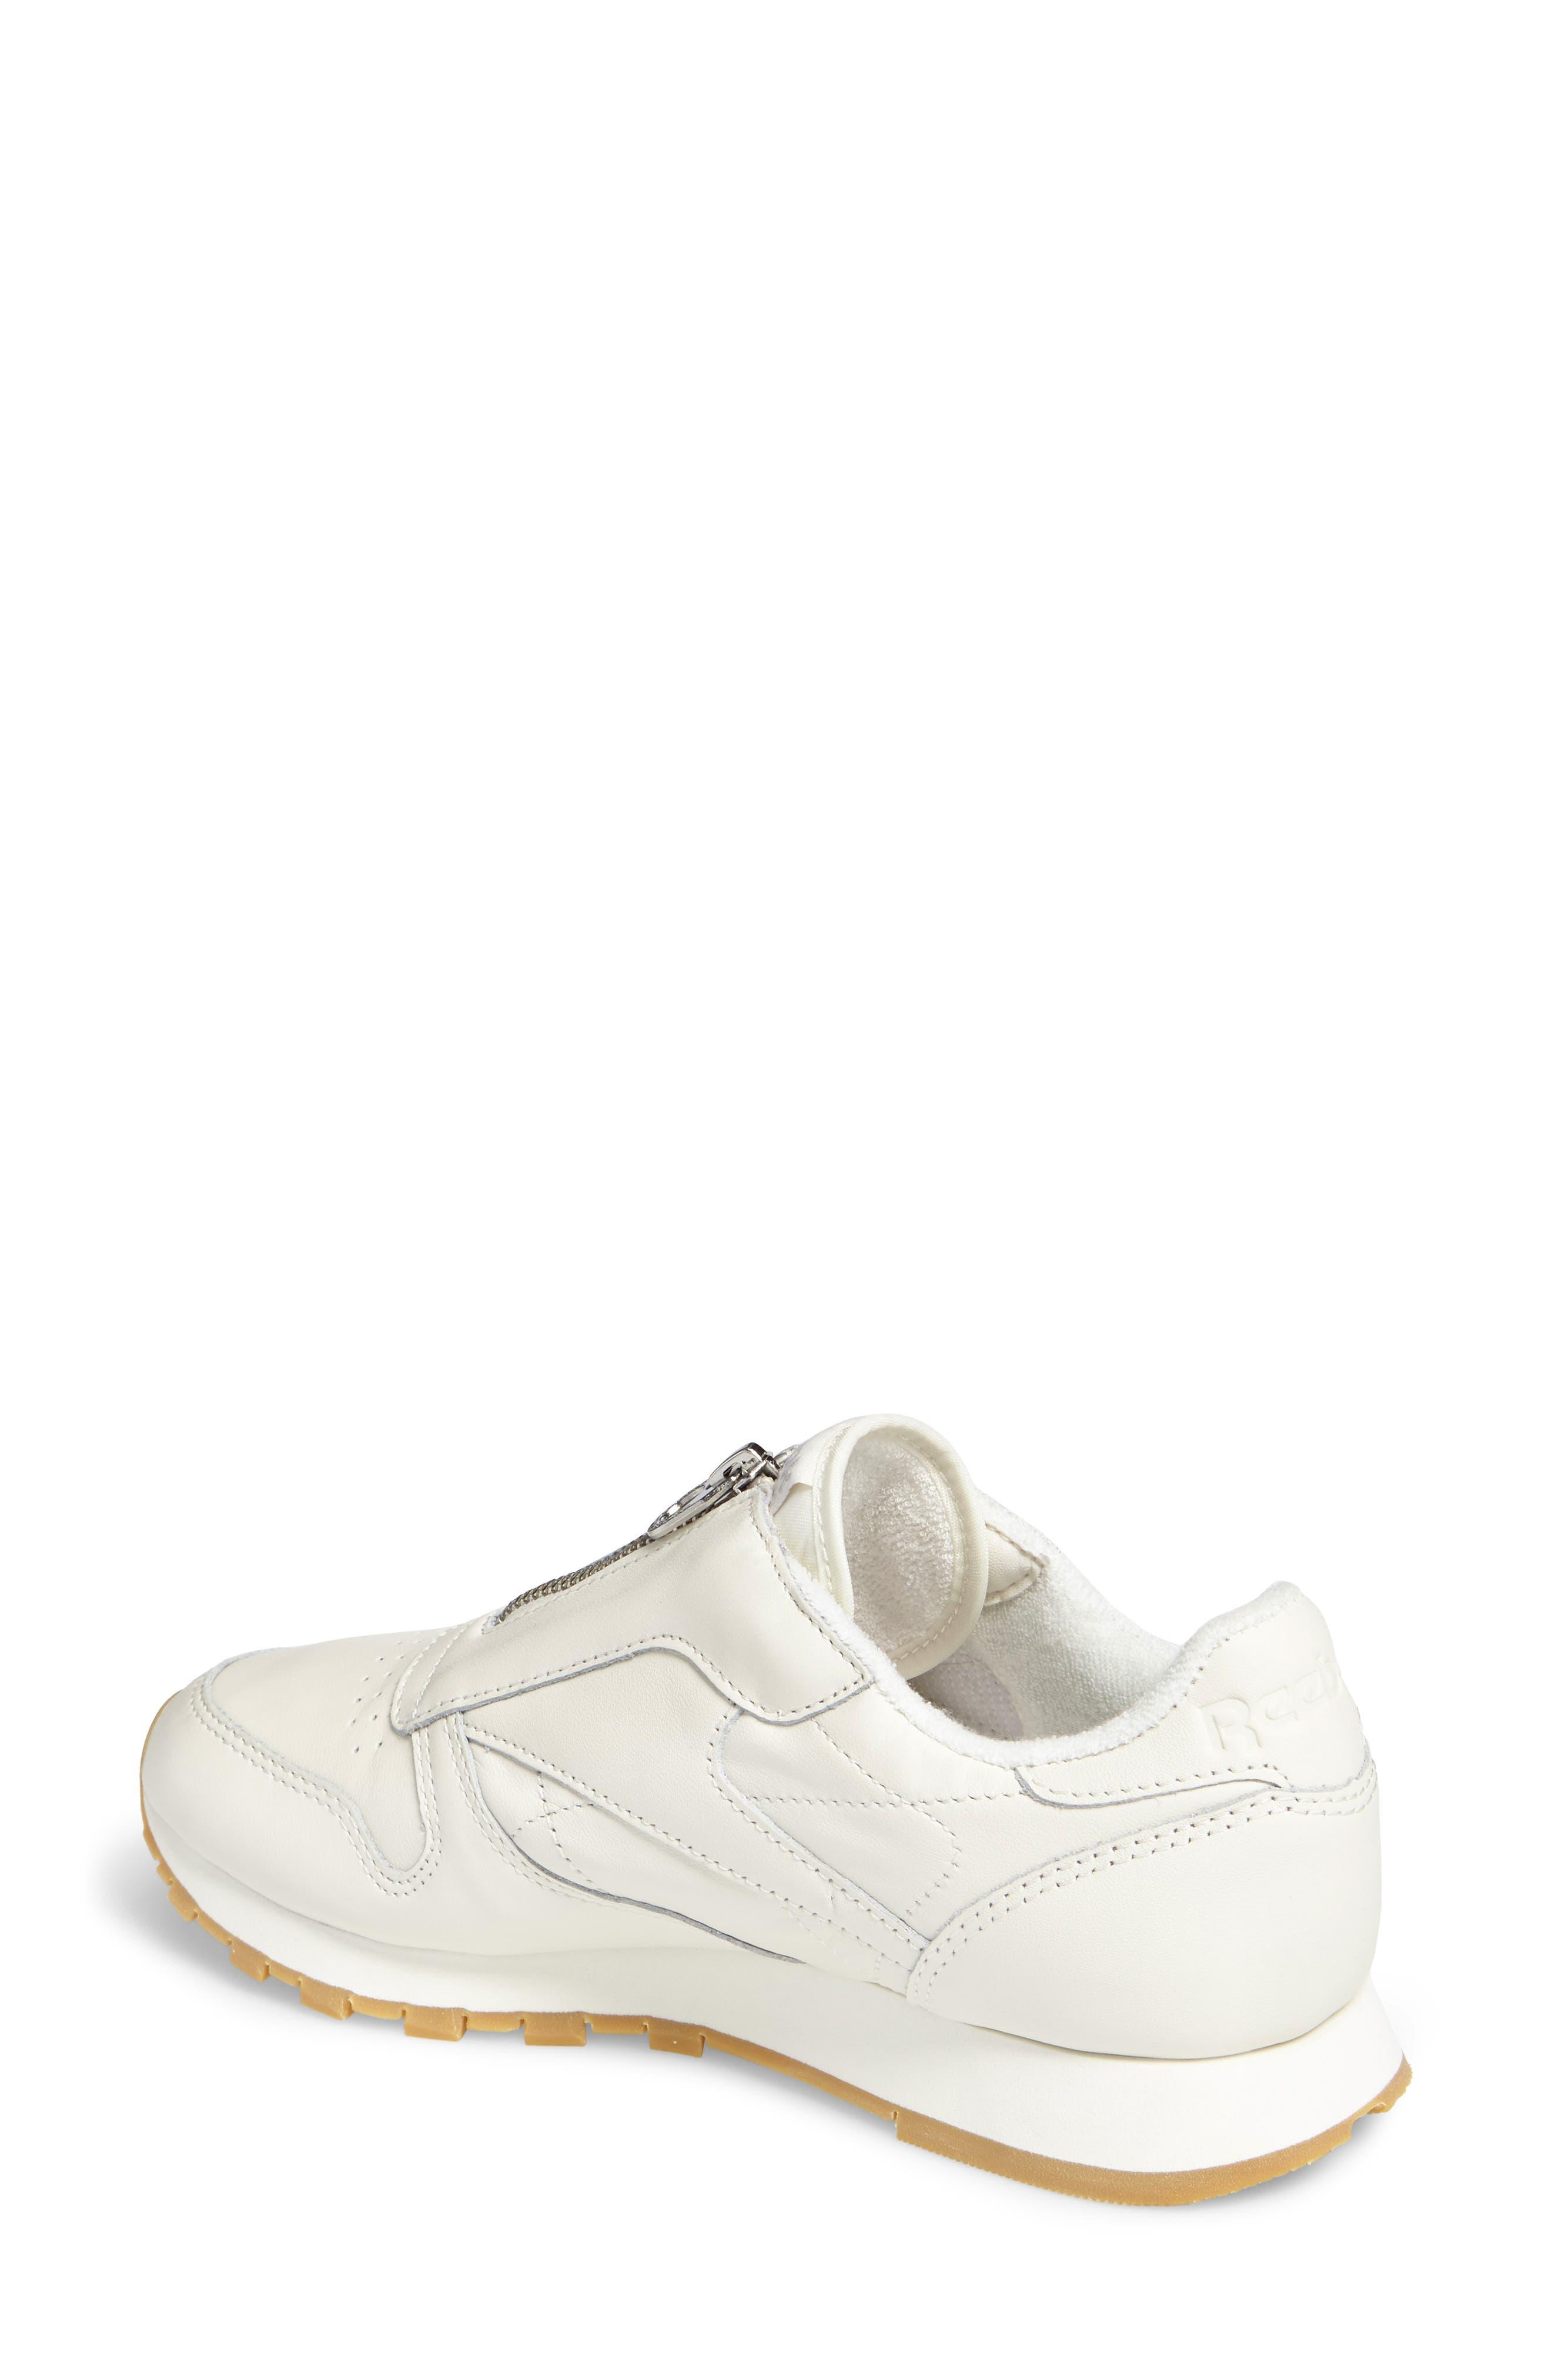 Alternate Image 2  - Reebok Classic Leather Zip Sneaker (Women)